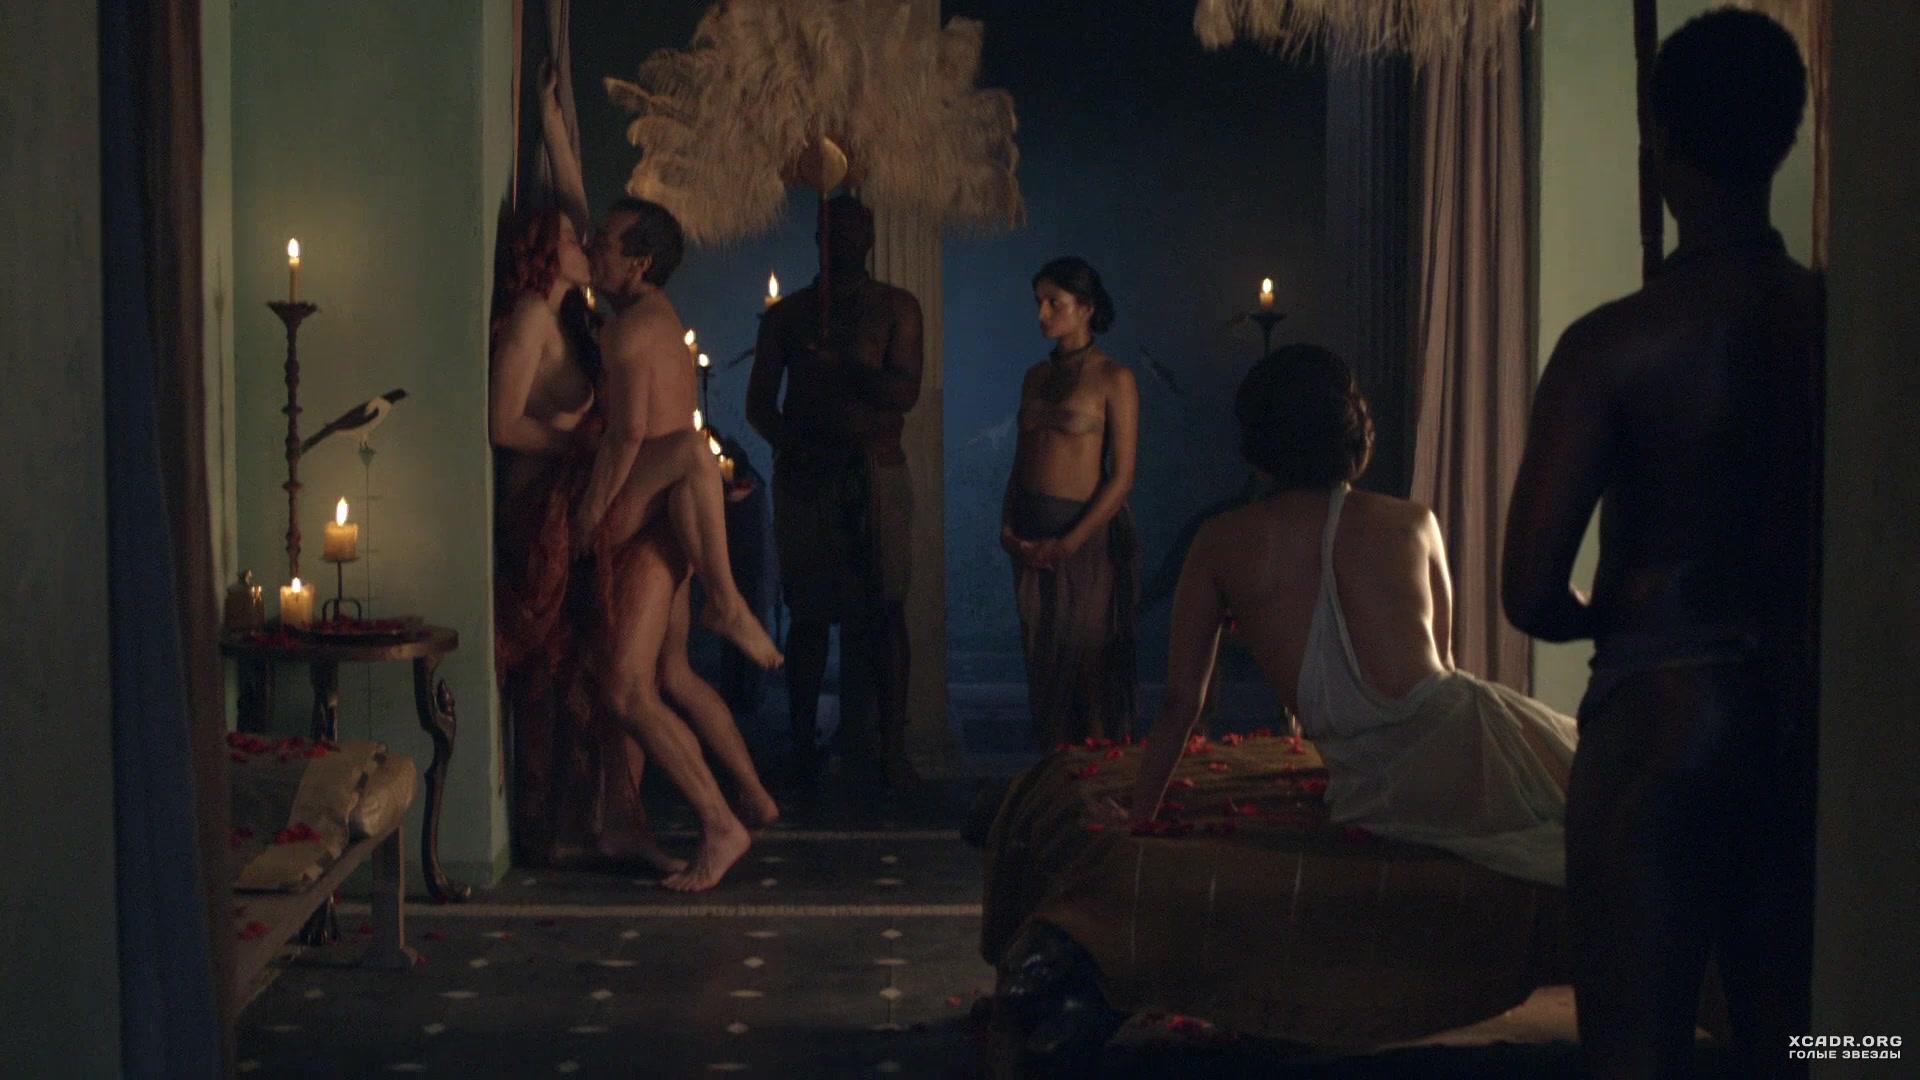 Gang bang nonconsent erotic series movies sex turkey